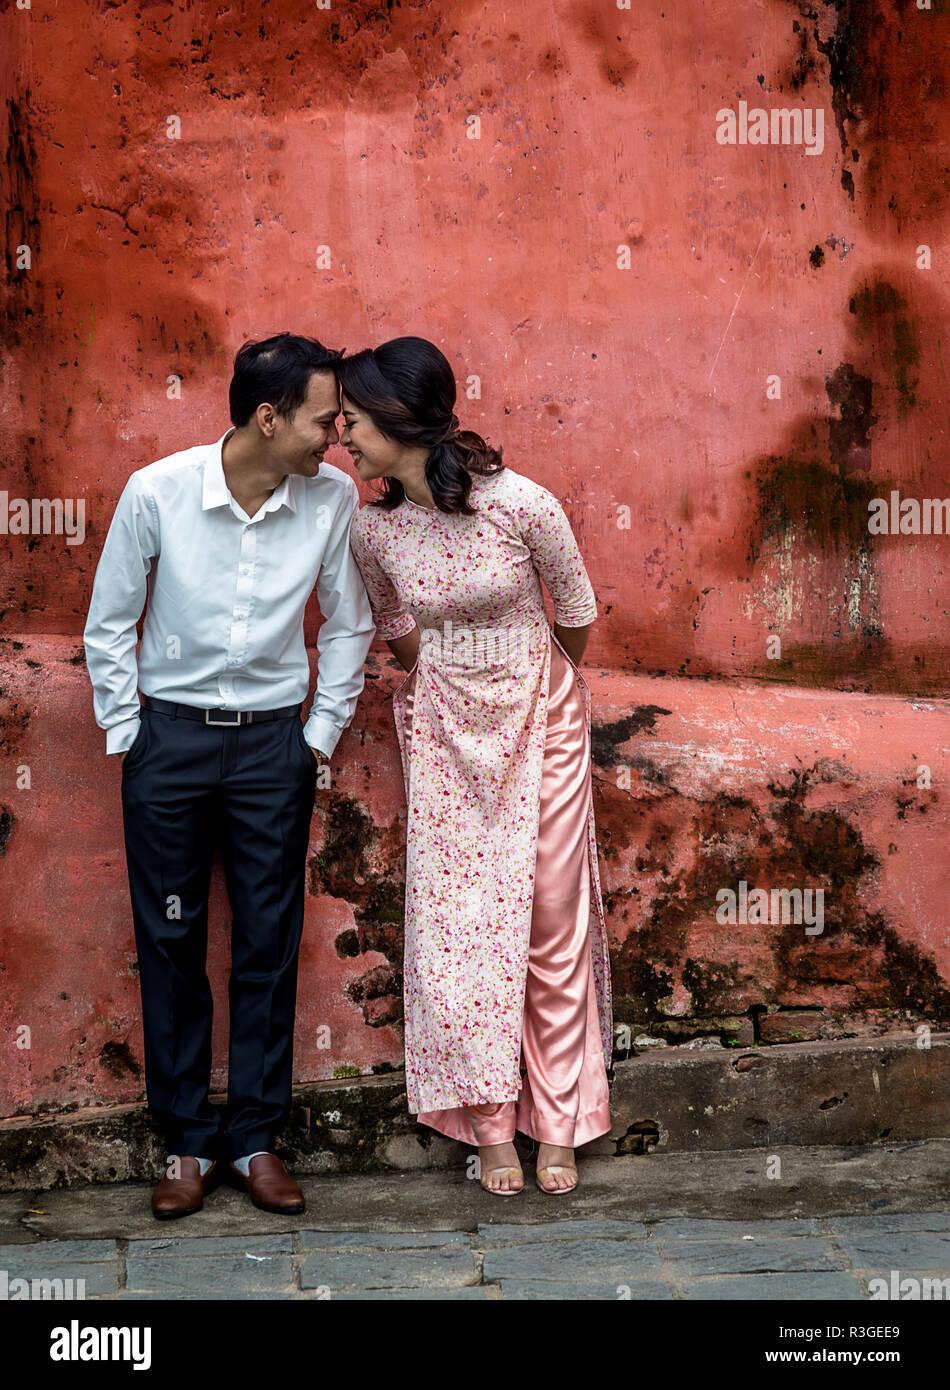 Un uomo e una donna al ponte giapponese ad Hoi An Immagini Stock